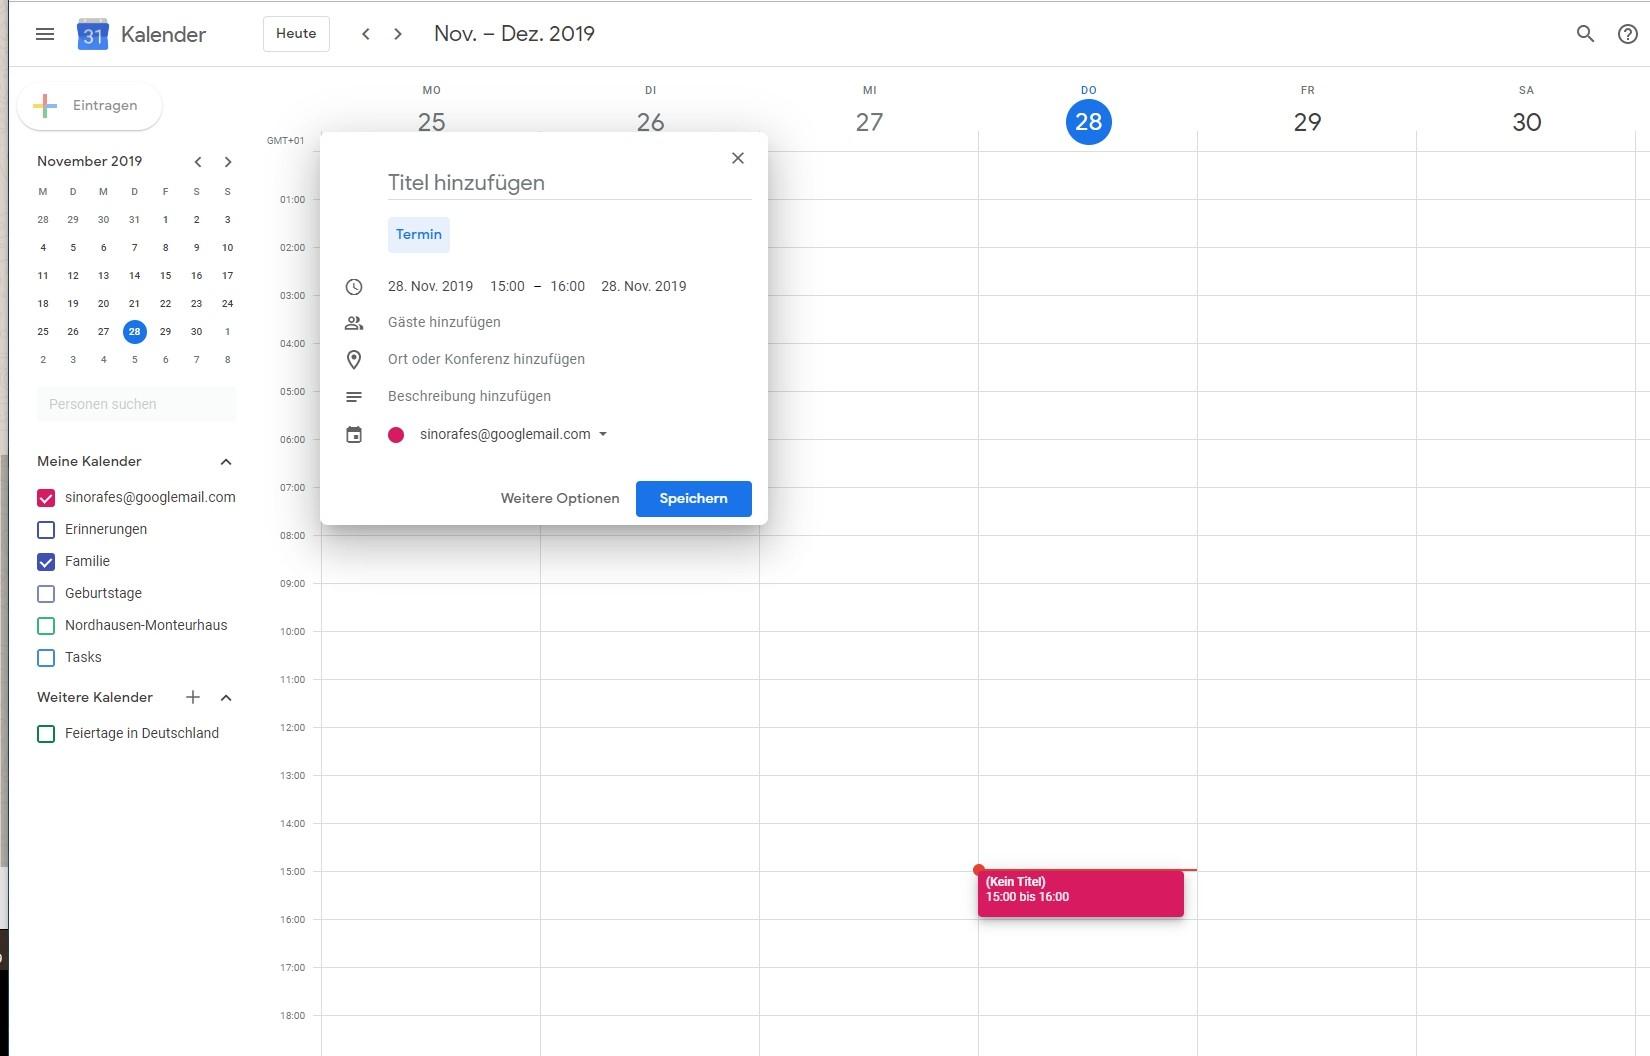 Die Besten Gratis-Online-Kalender - Pc-Welt innen Online Kalender Zum Eintragen